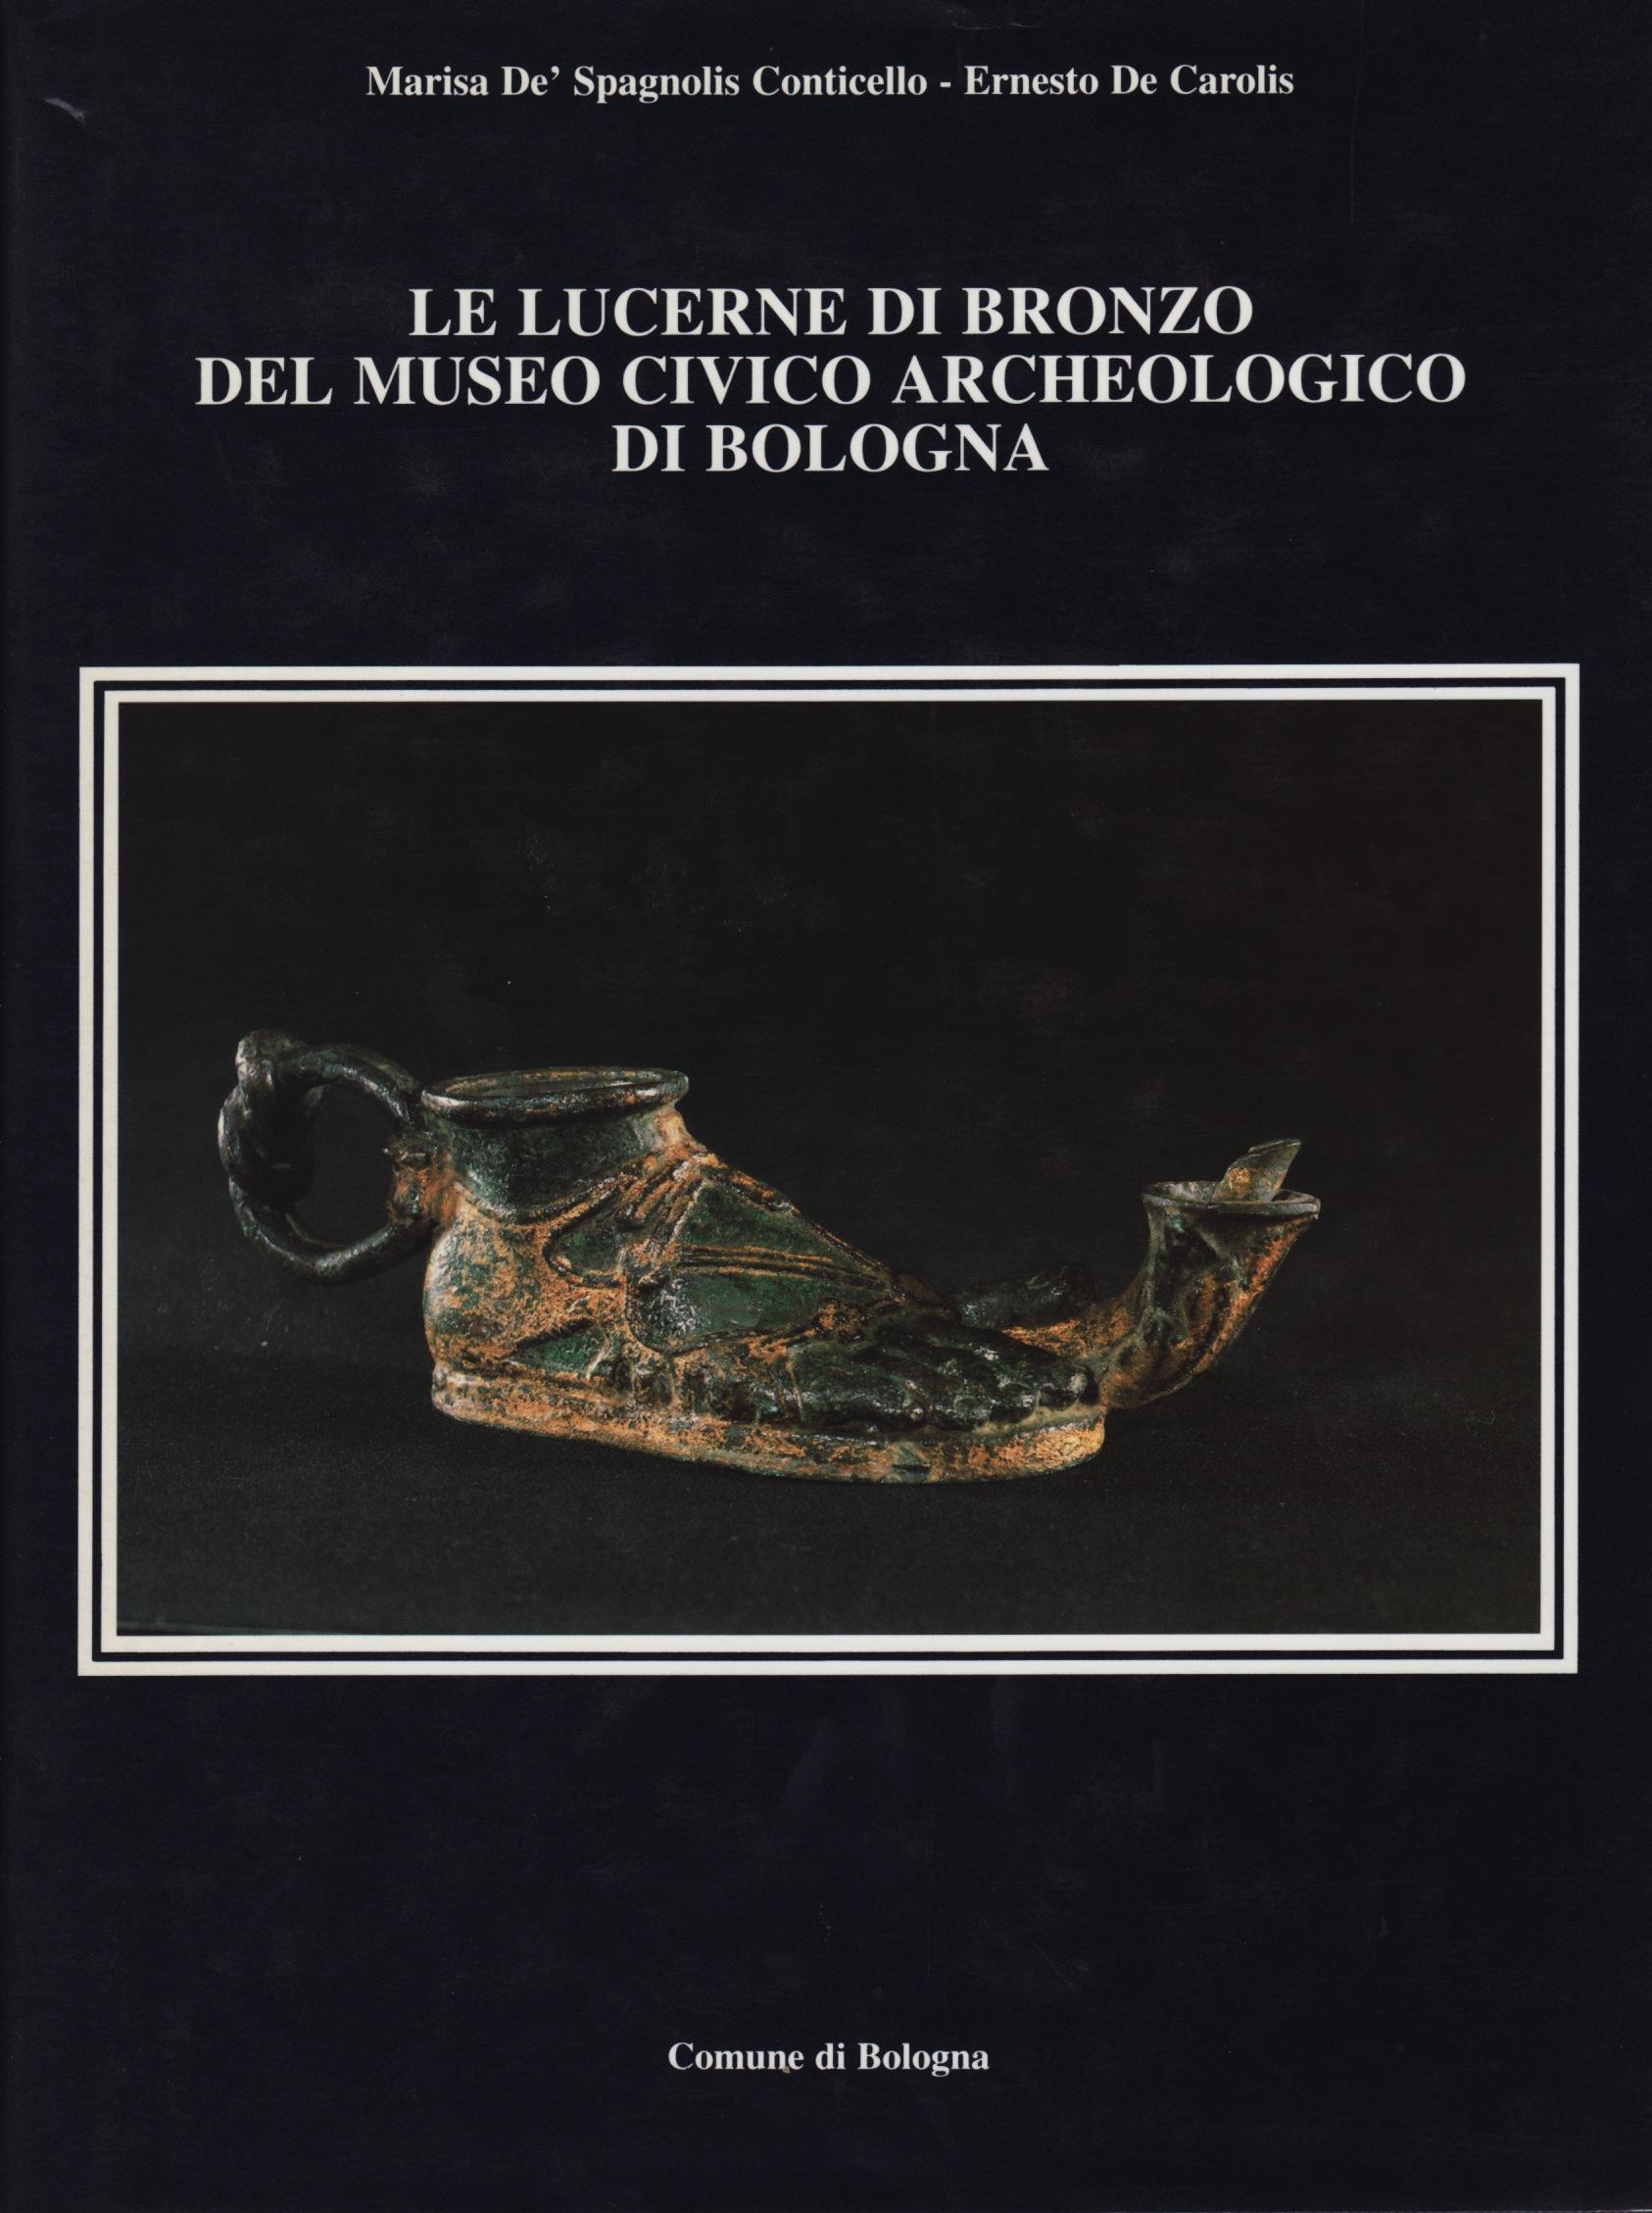 De Spagnolis De Carolis 1997